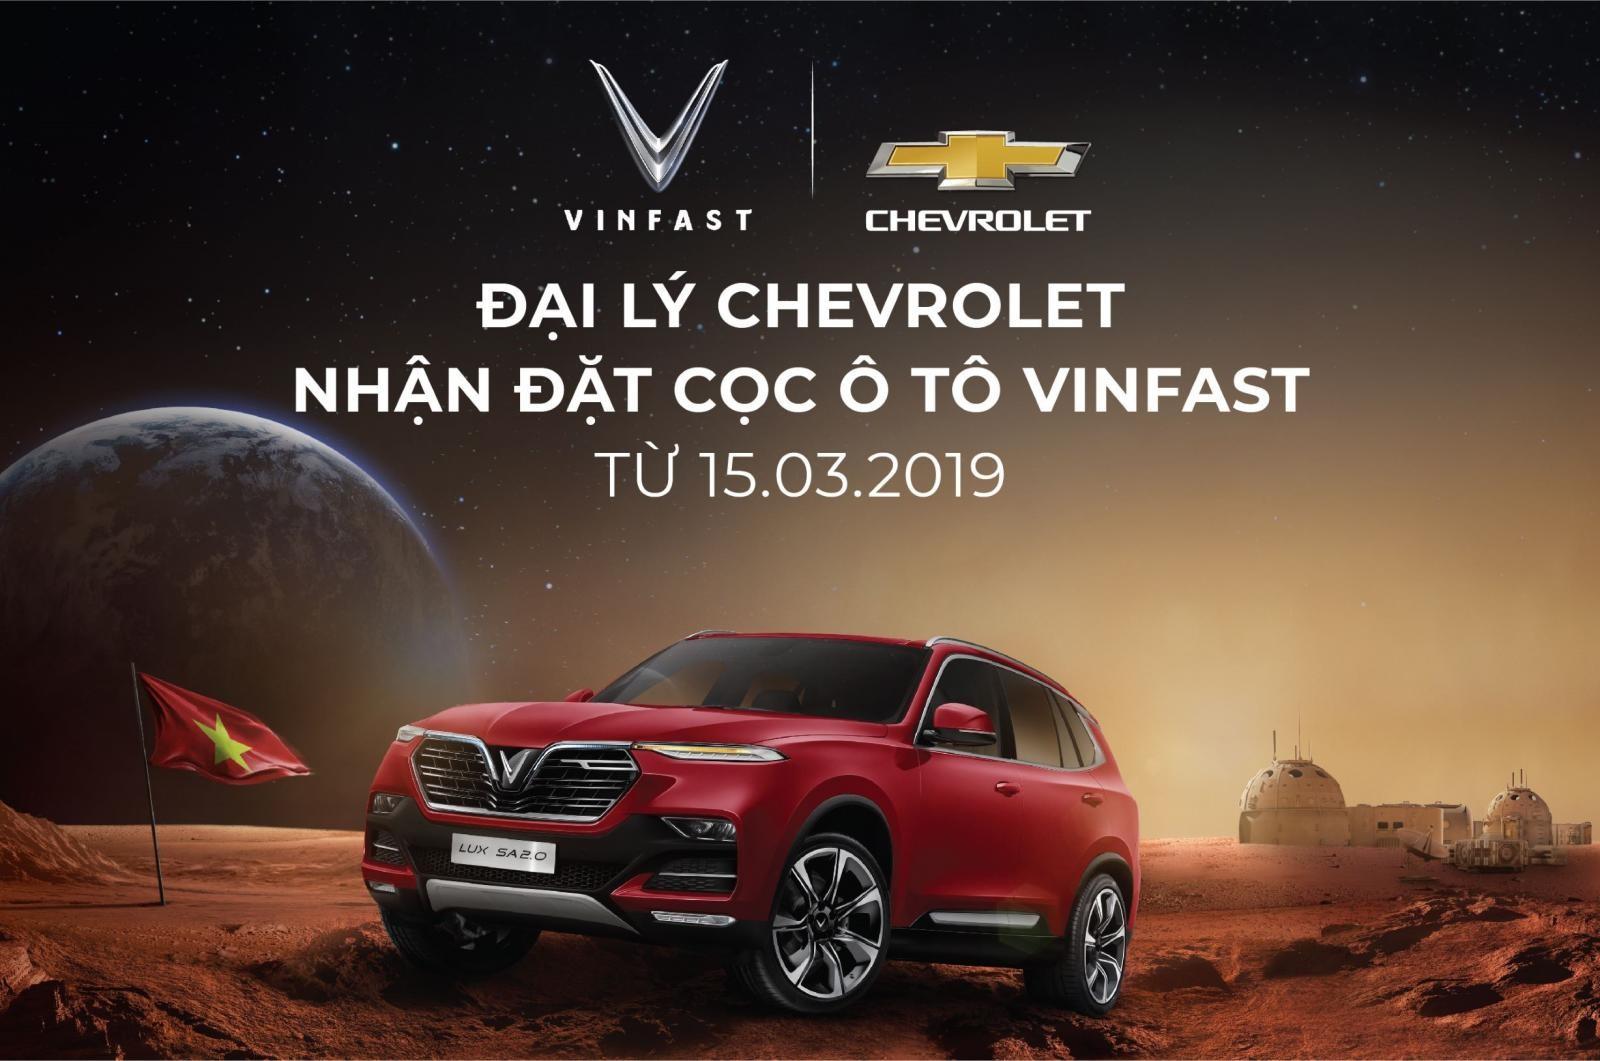 Từ nay người Viết có thể đặt cọc xe VinFast tại hệ thống đại lý Chevrolet trên toàn quốc